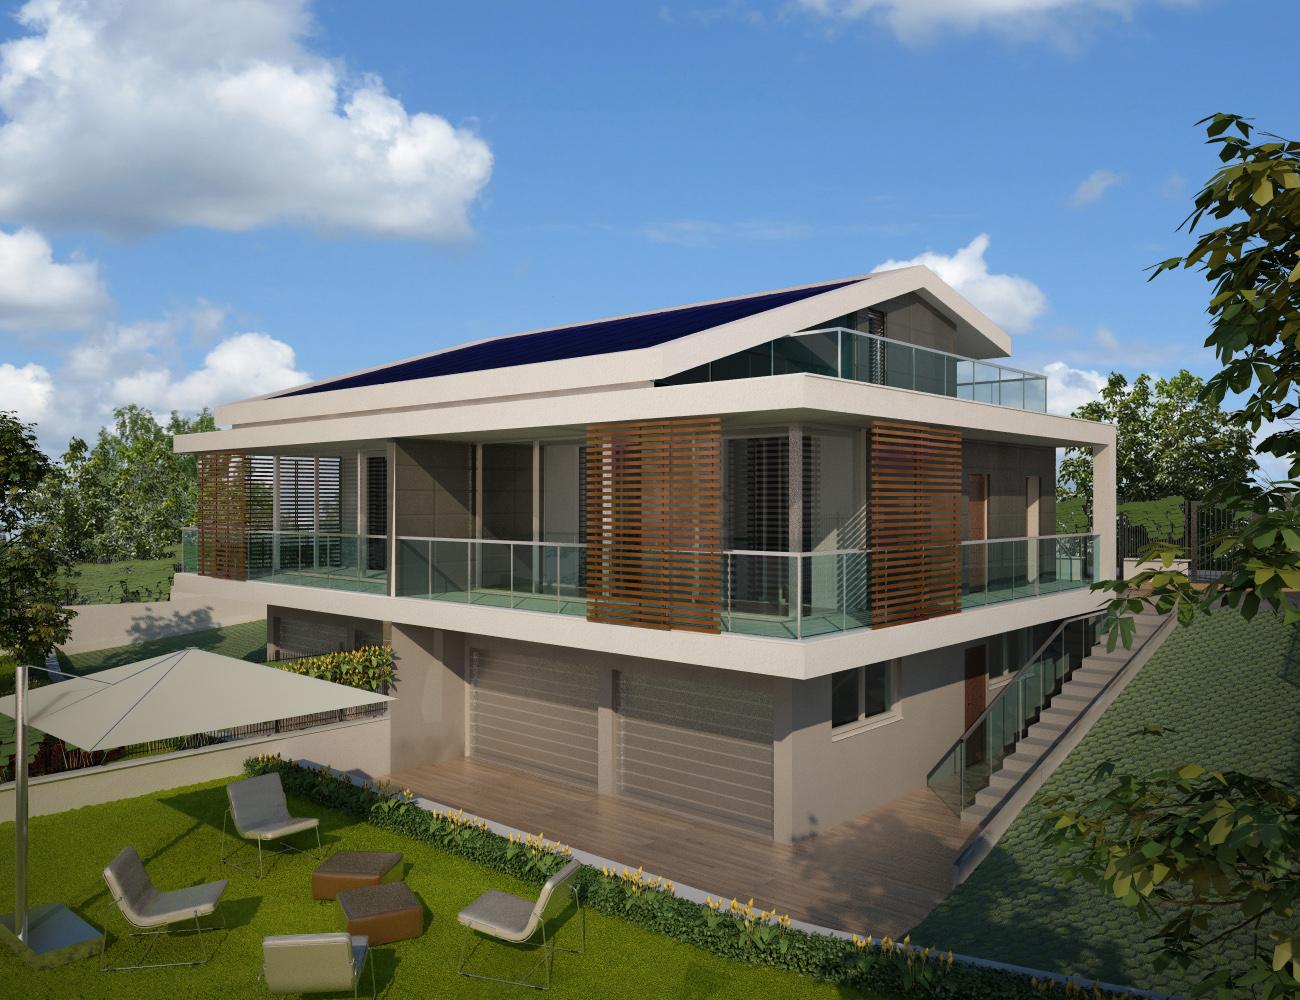 90 progetti ville minimaliste case ad un solo piano 10 straordinari progetti casa de vidro 30